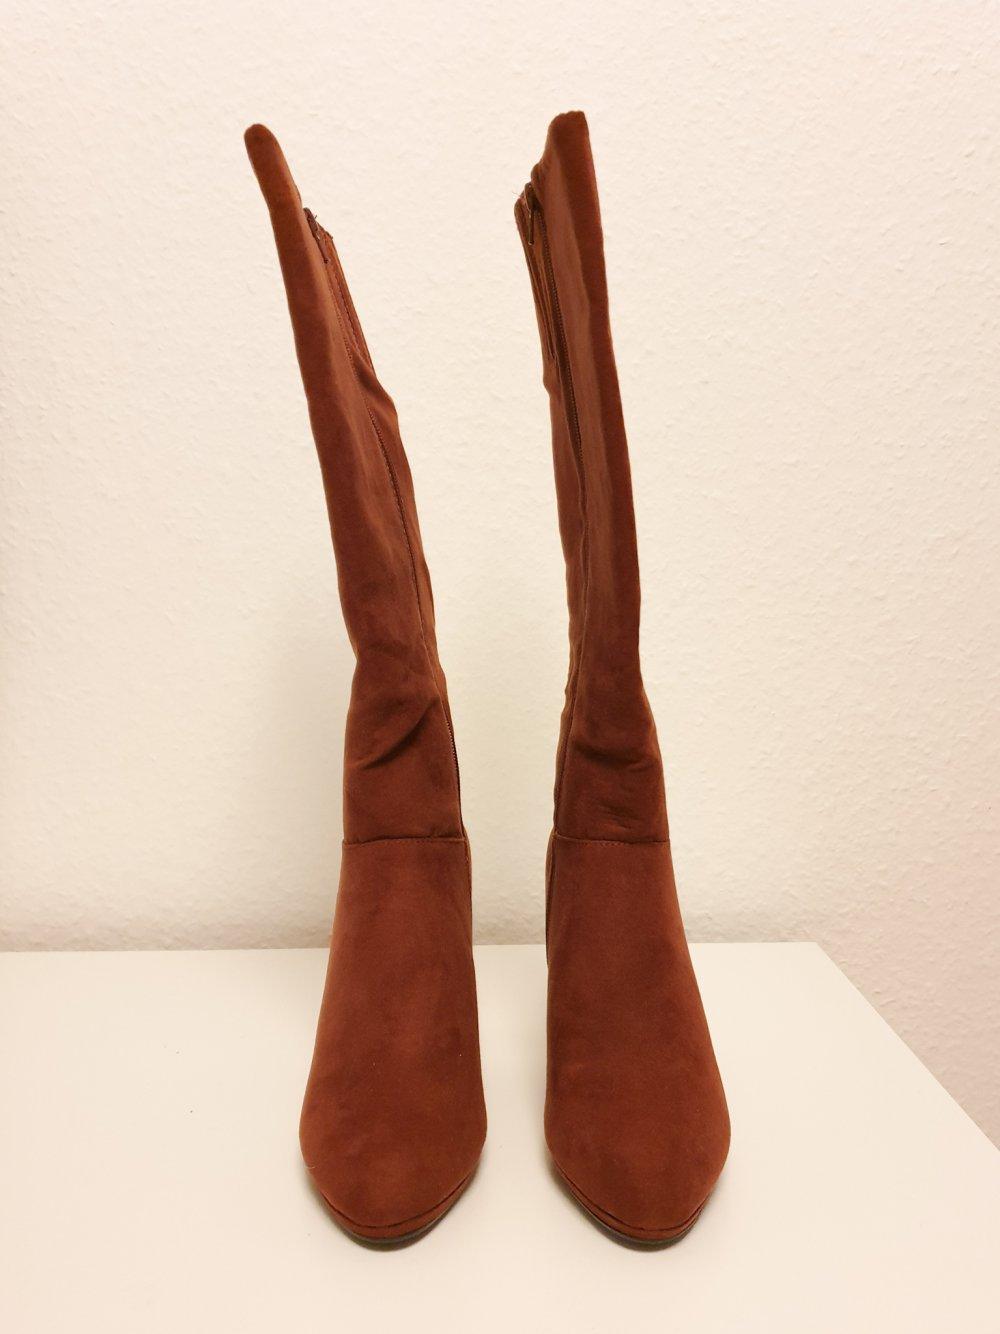 Braune Stiefel mit Absatz von Anna Field Gr. 36